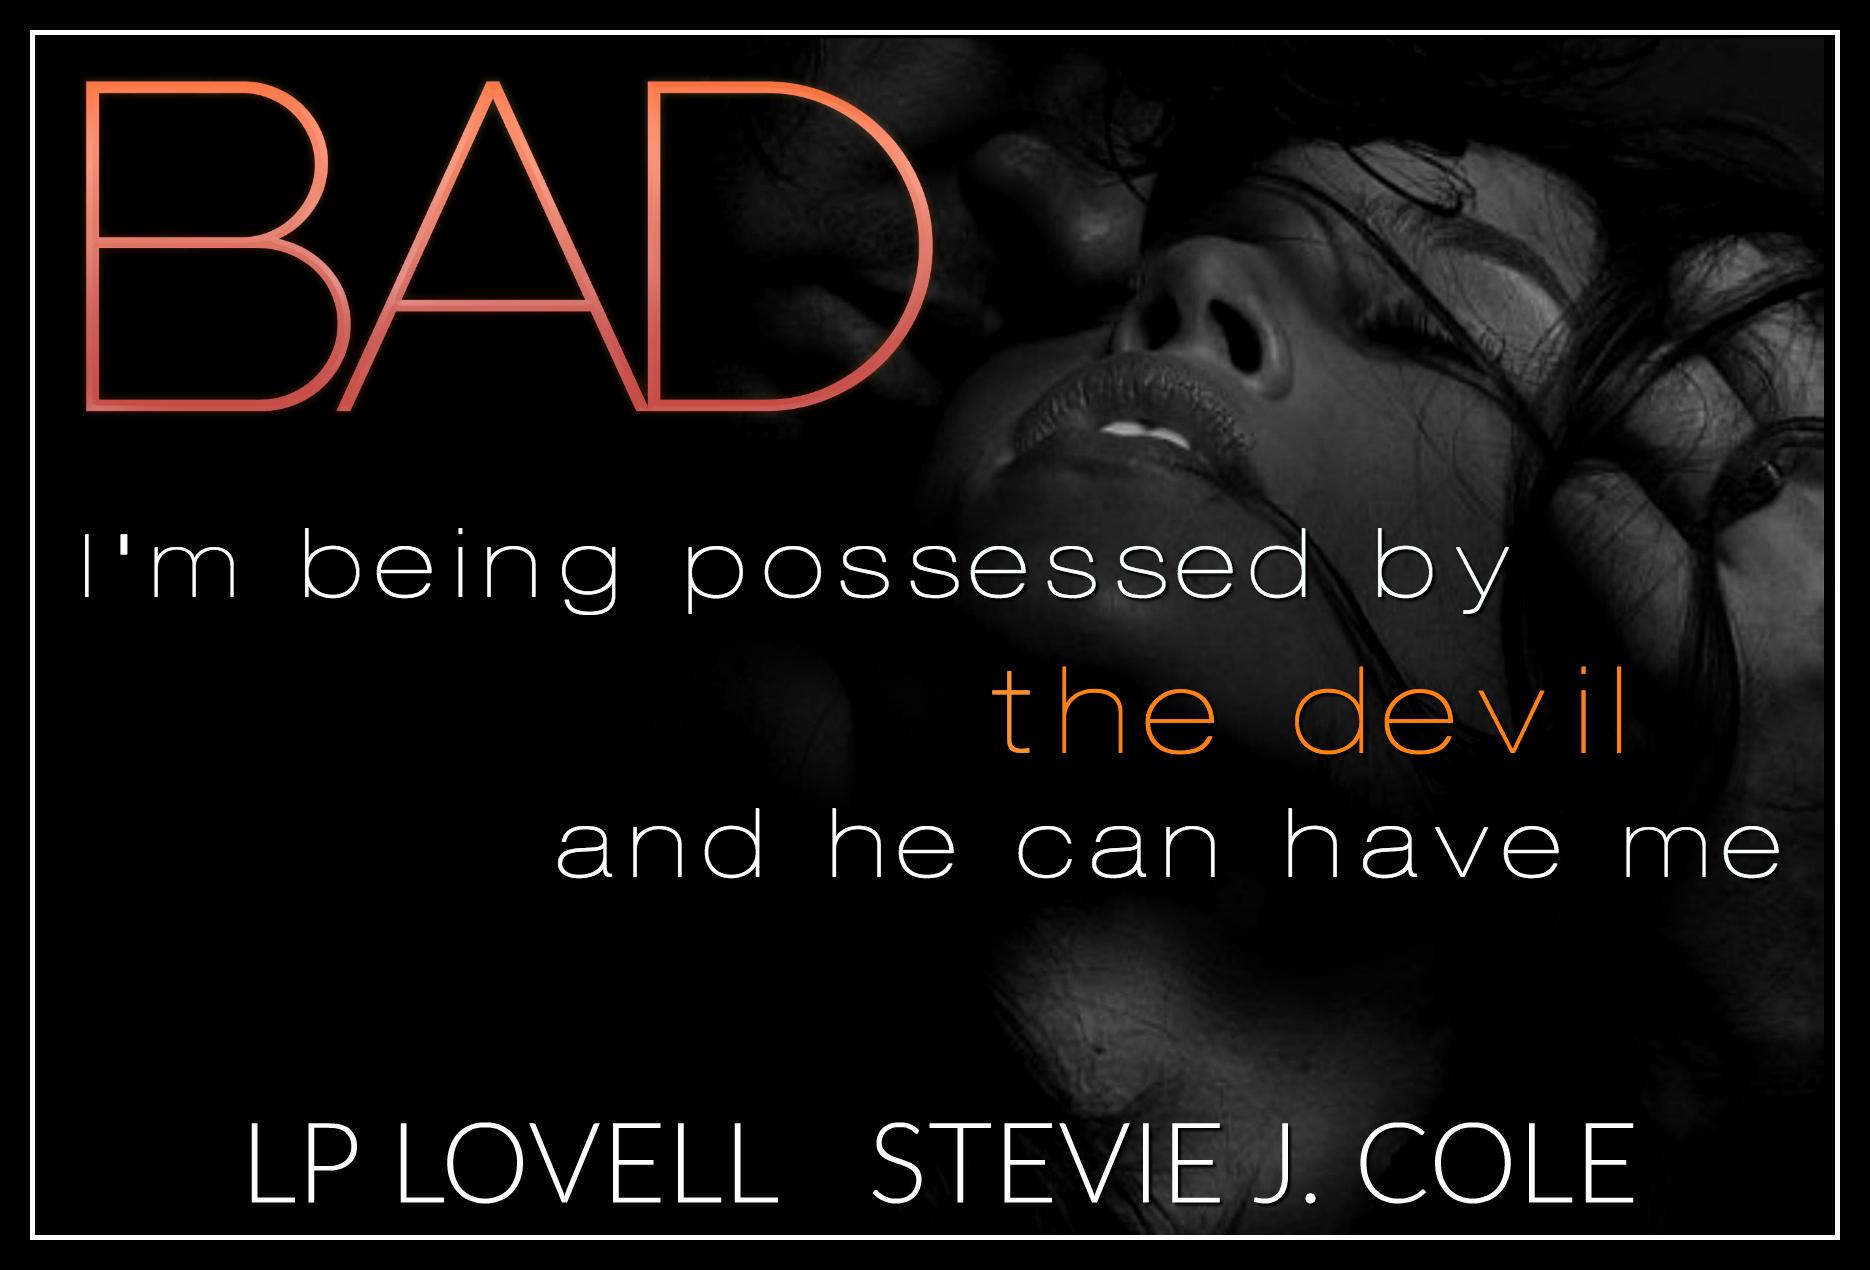 Bad-Teaser-2